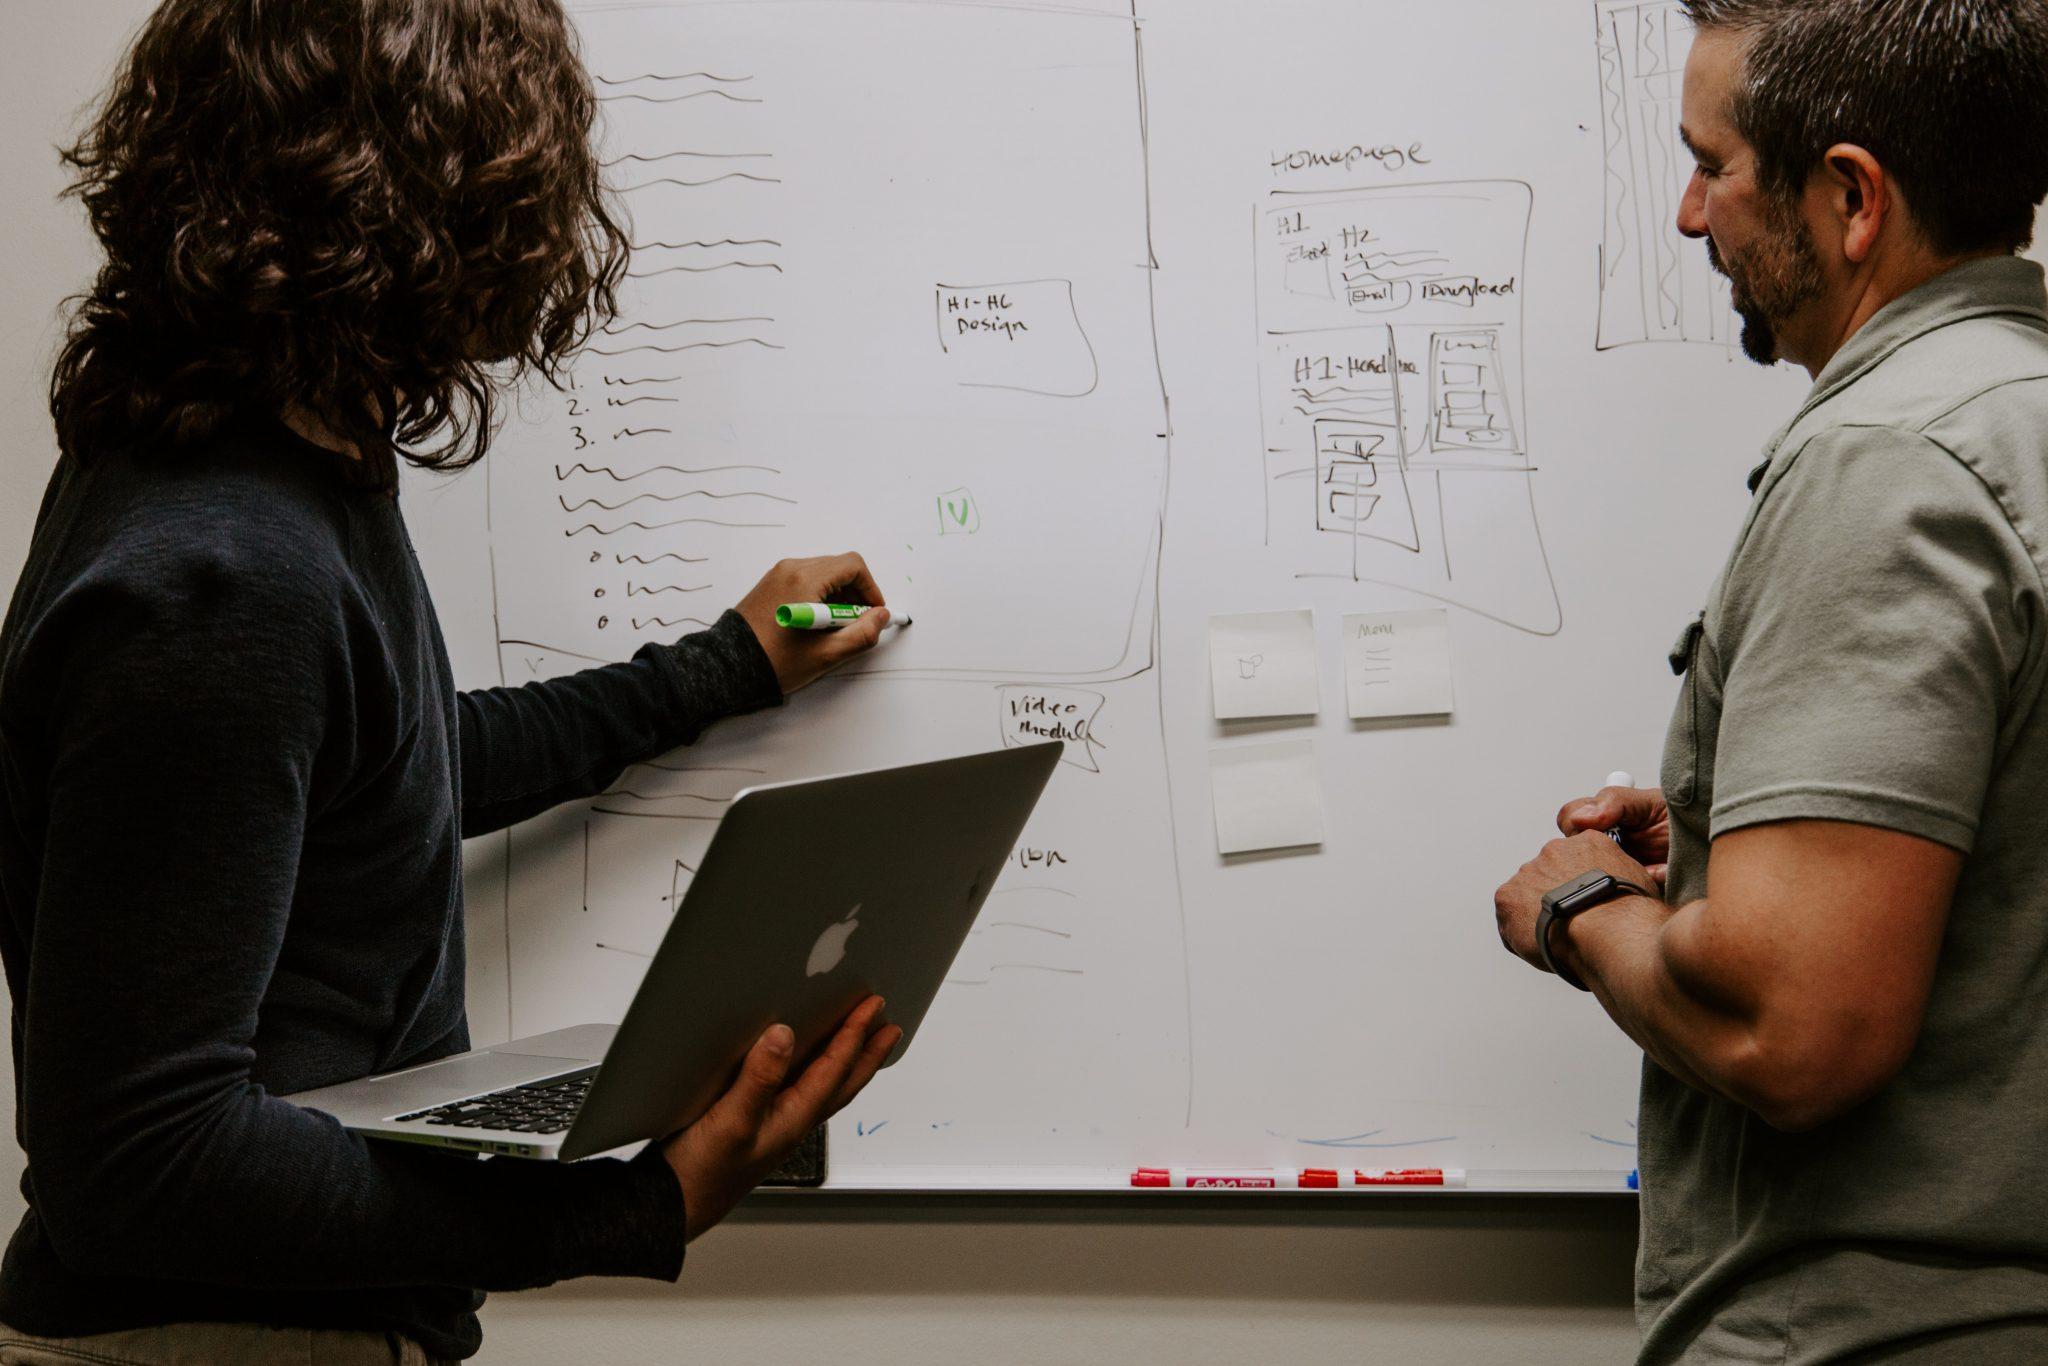 Lavorare assieme al venditore per costruire motivazione attorno al progetto-cliente